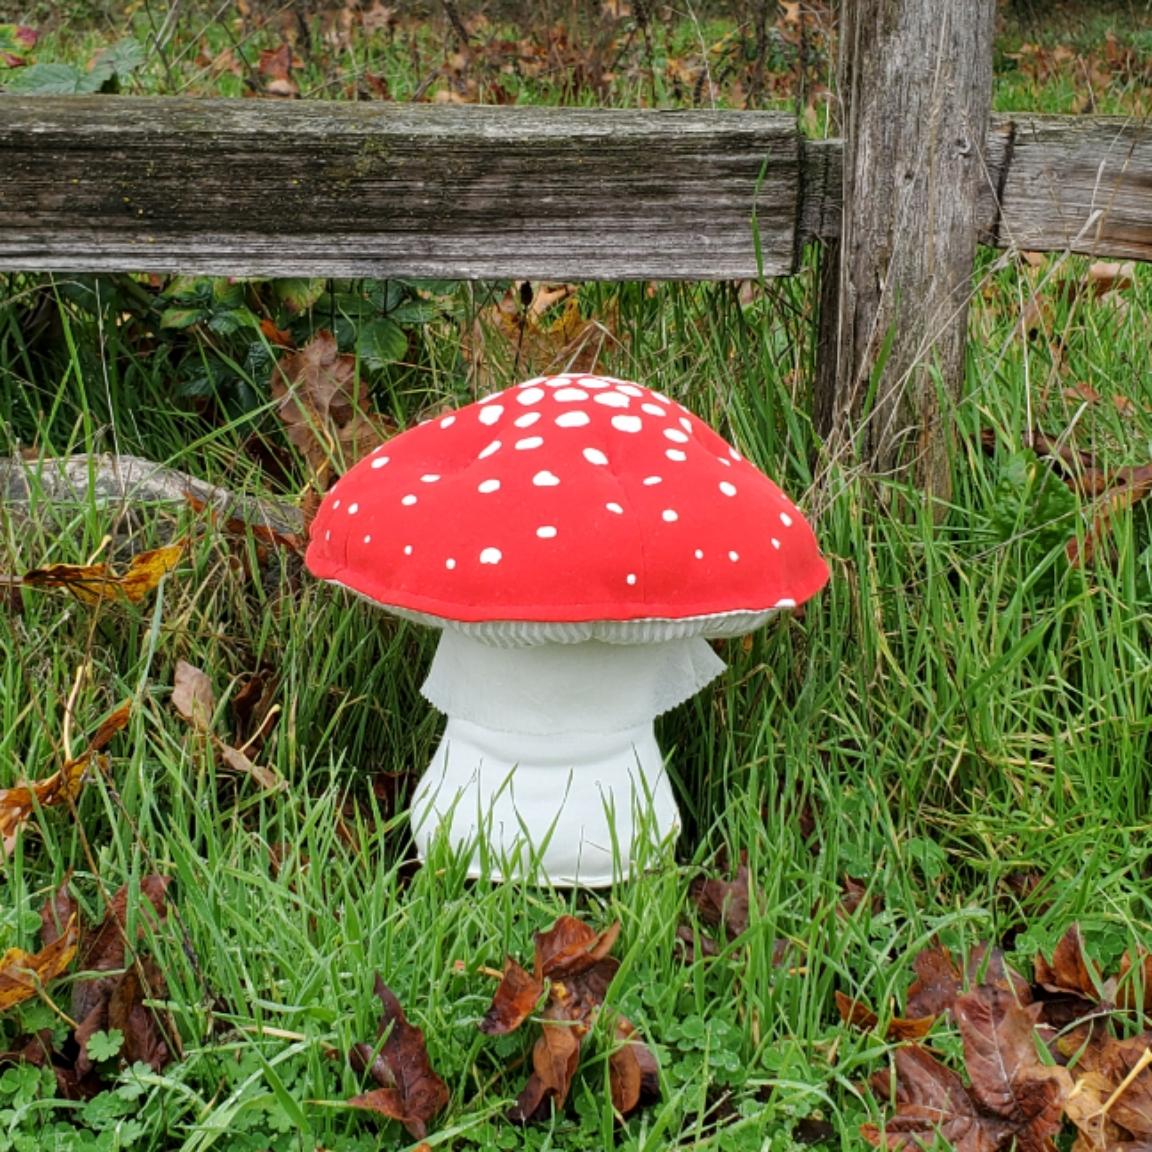 Old fence mushroom amanita